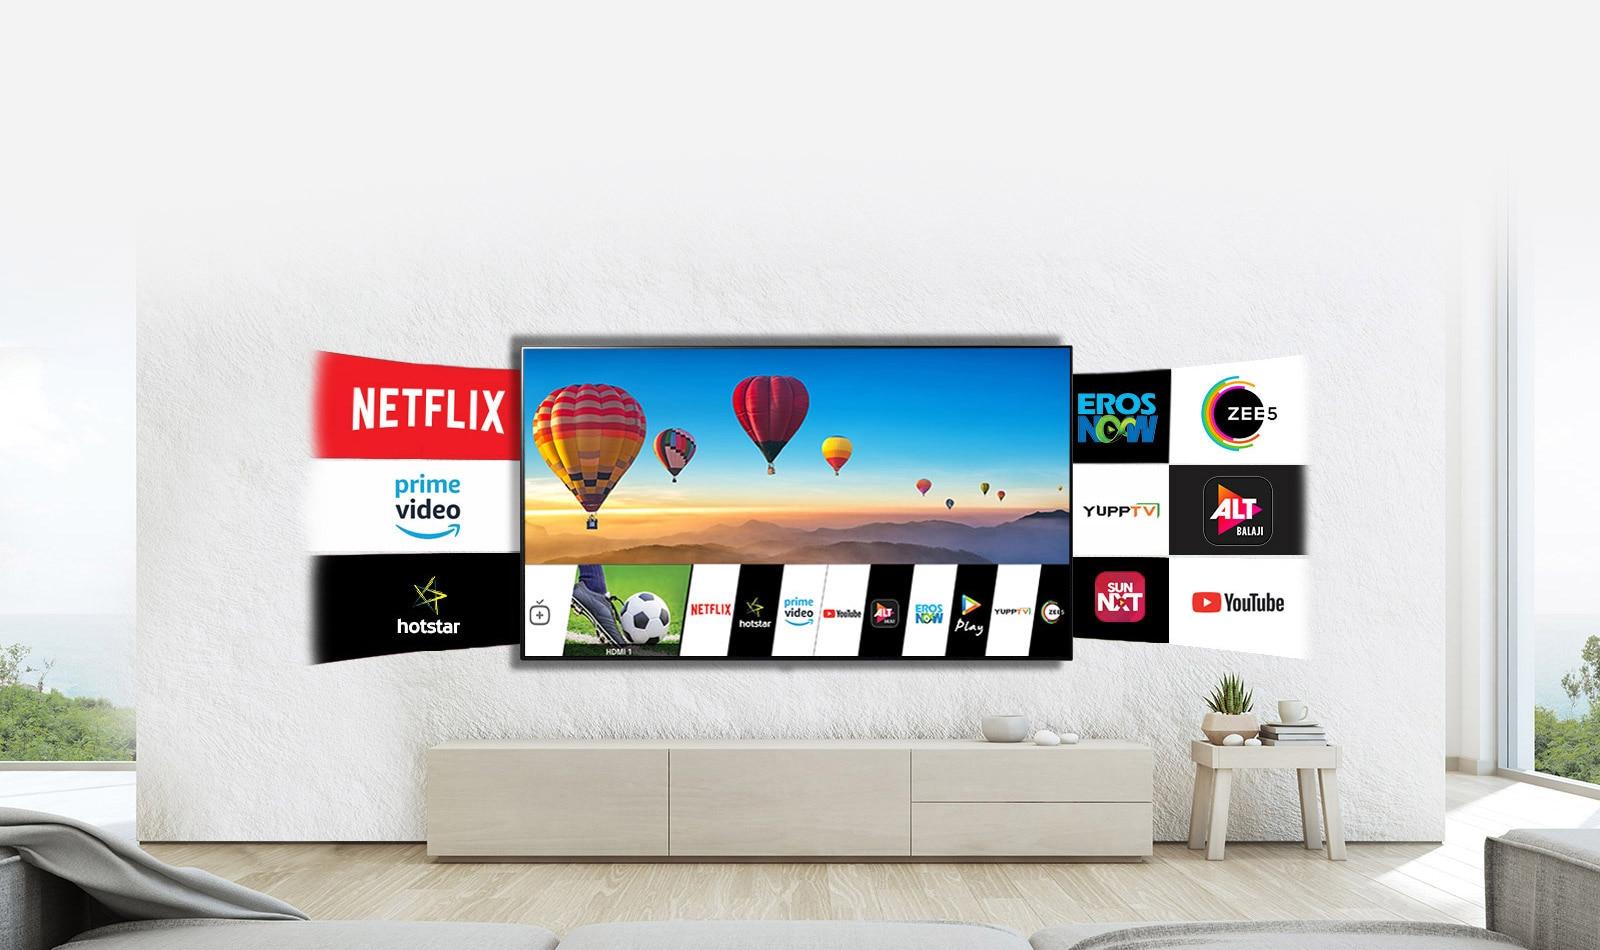 LG WebOS OLED TV